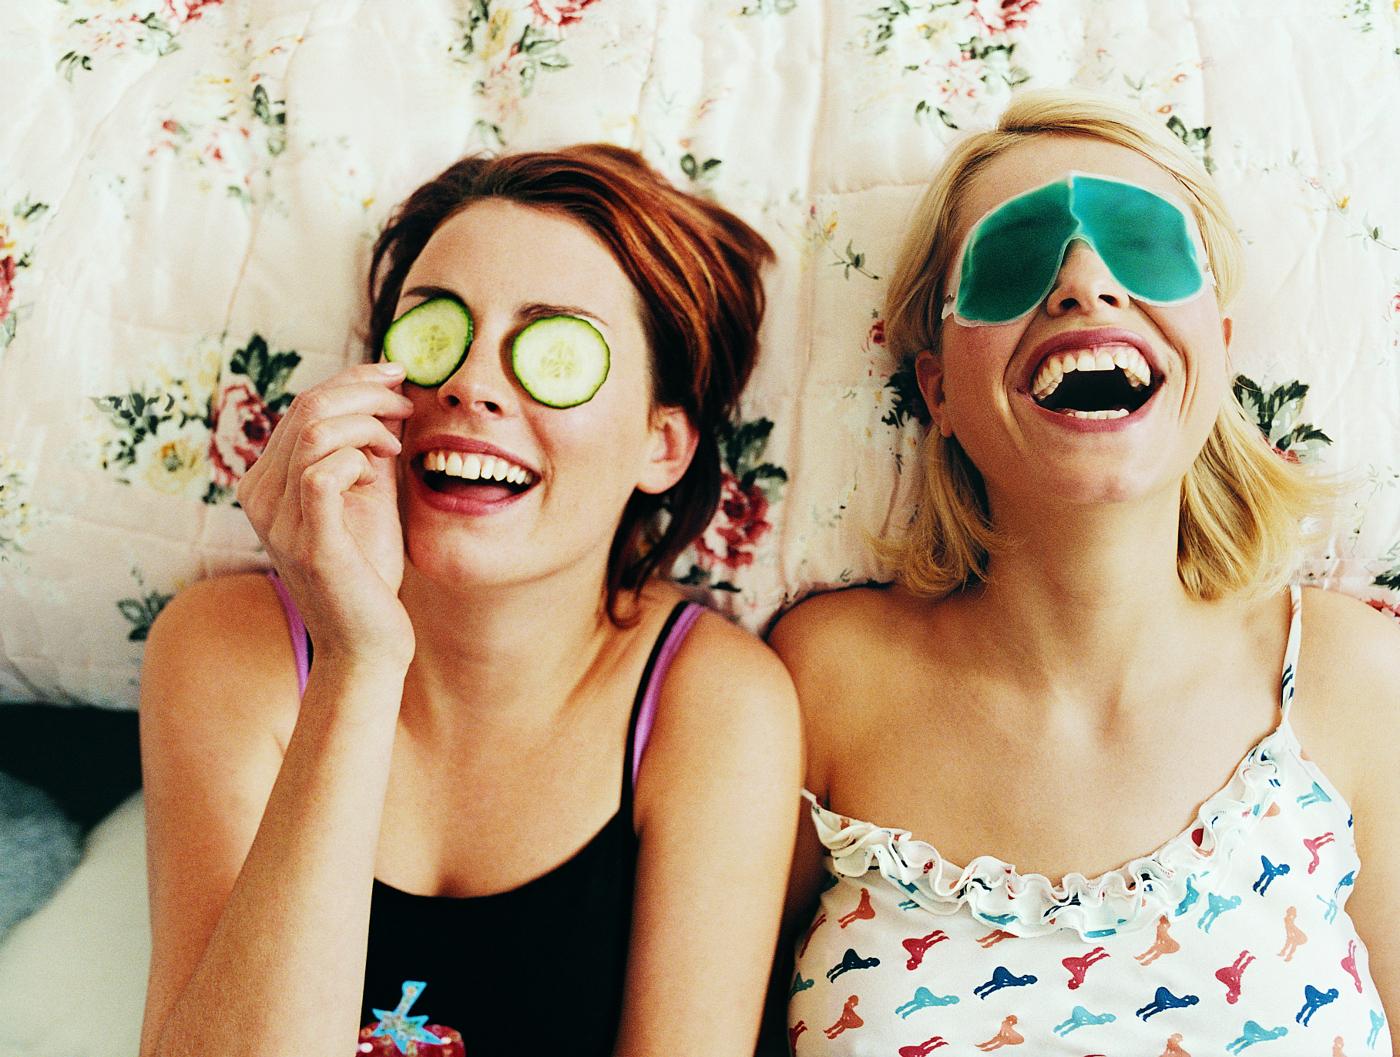 Mit der Freundin im Bett lachen und ein Gurke im Gesicht - ein guter Vorsatz für das Jahr 2016? ?